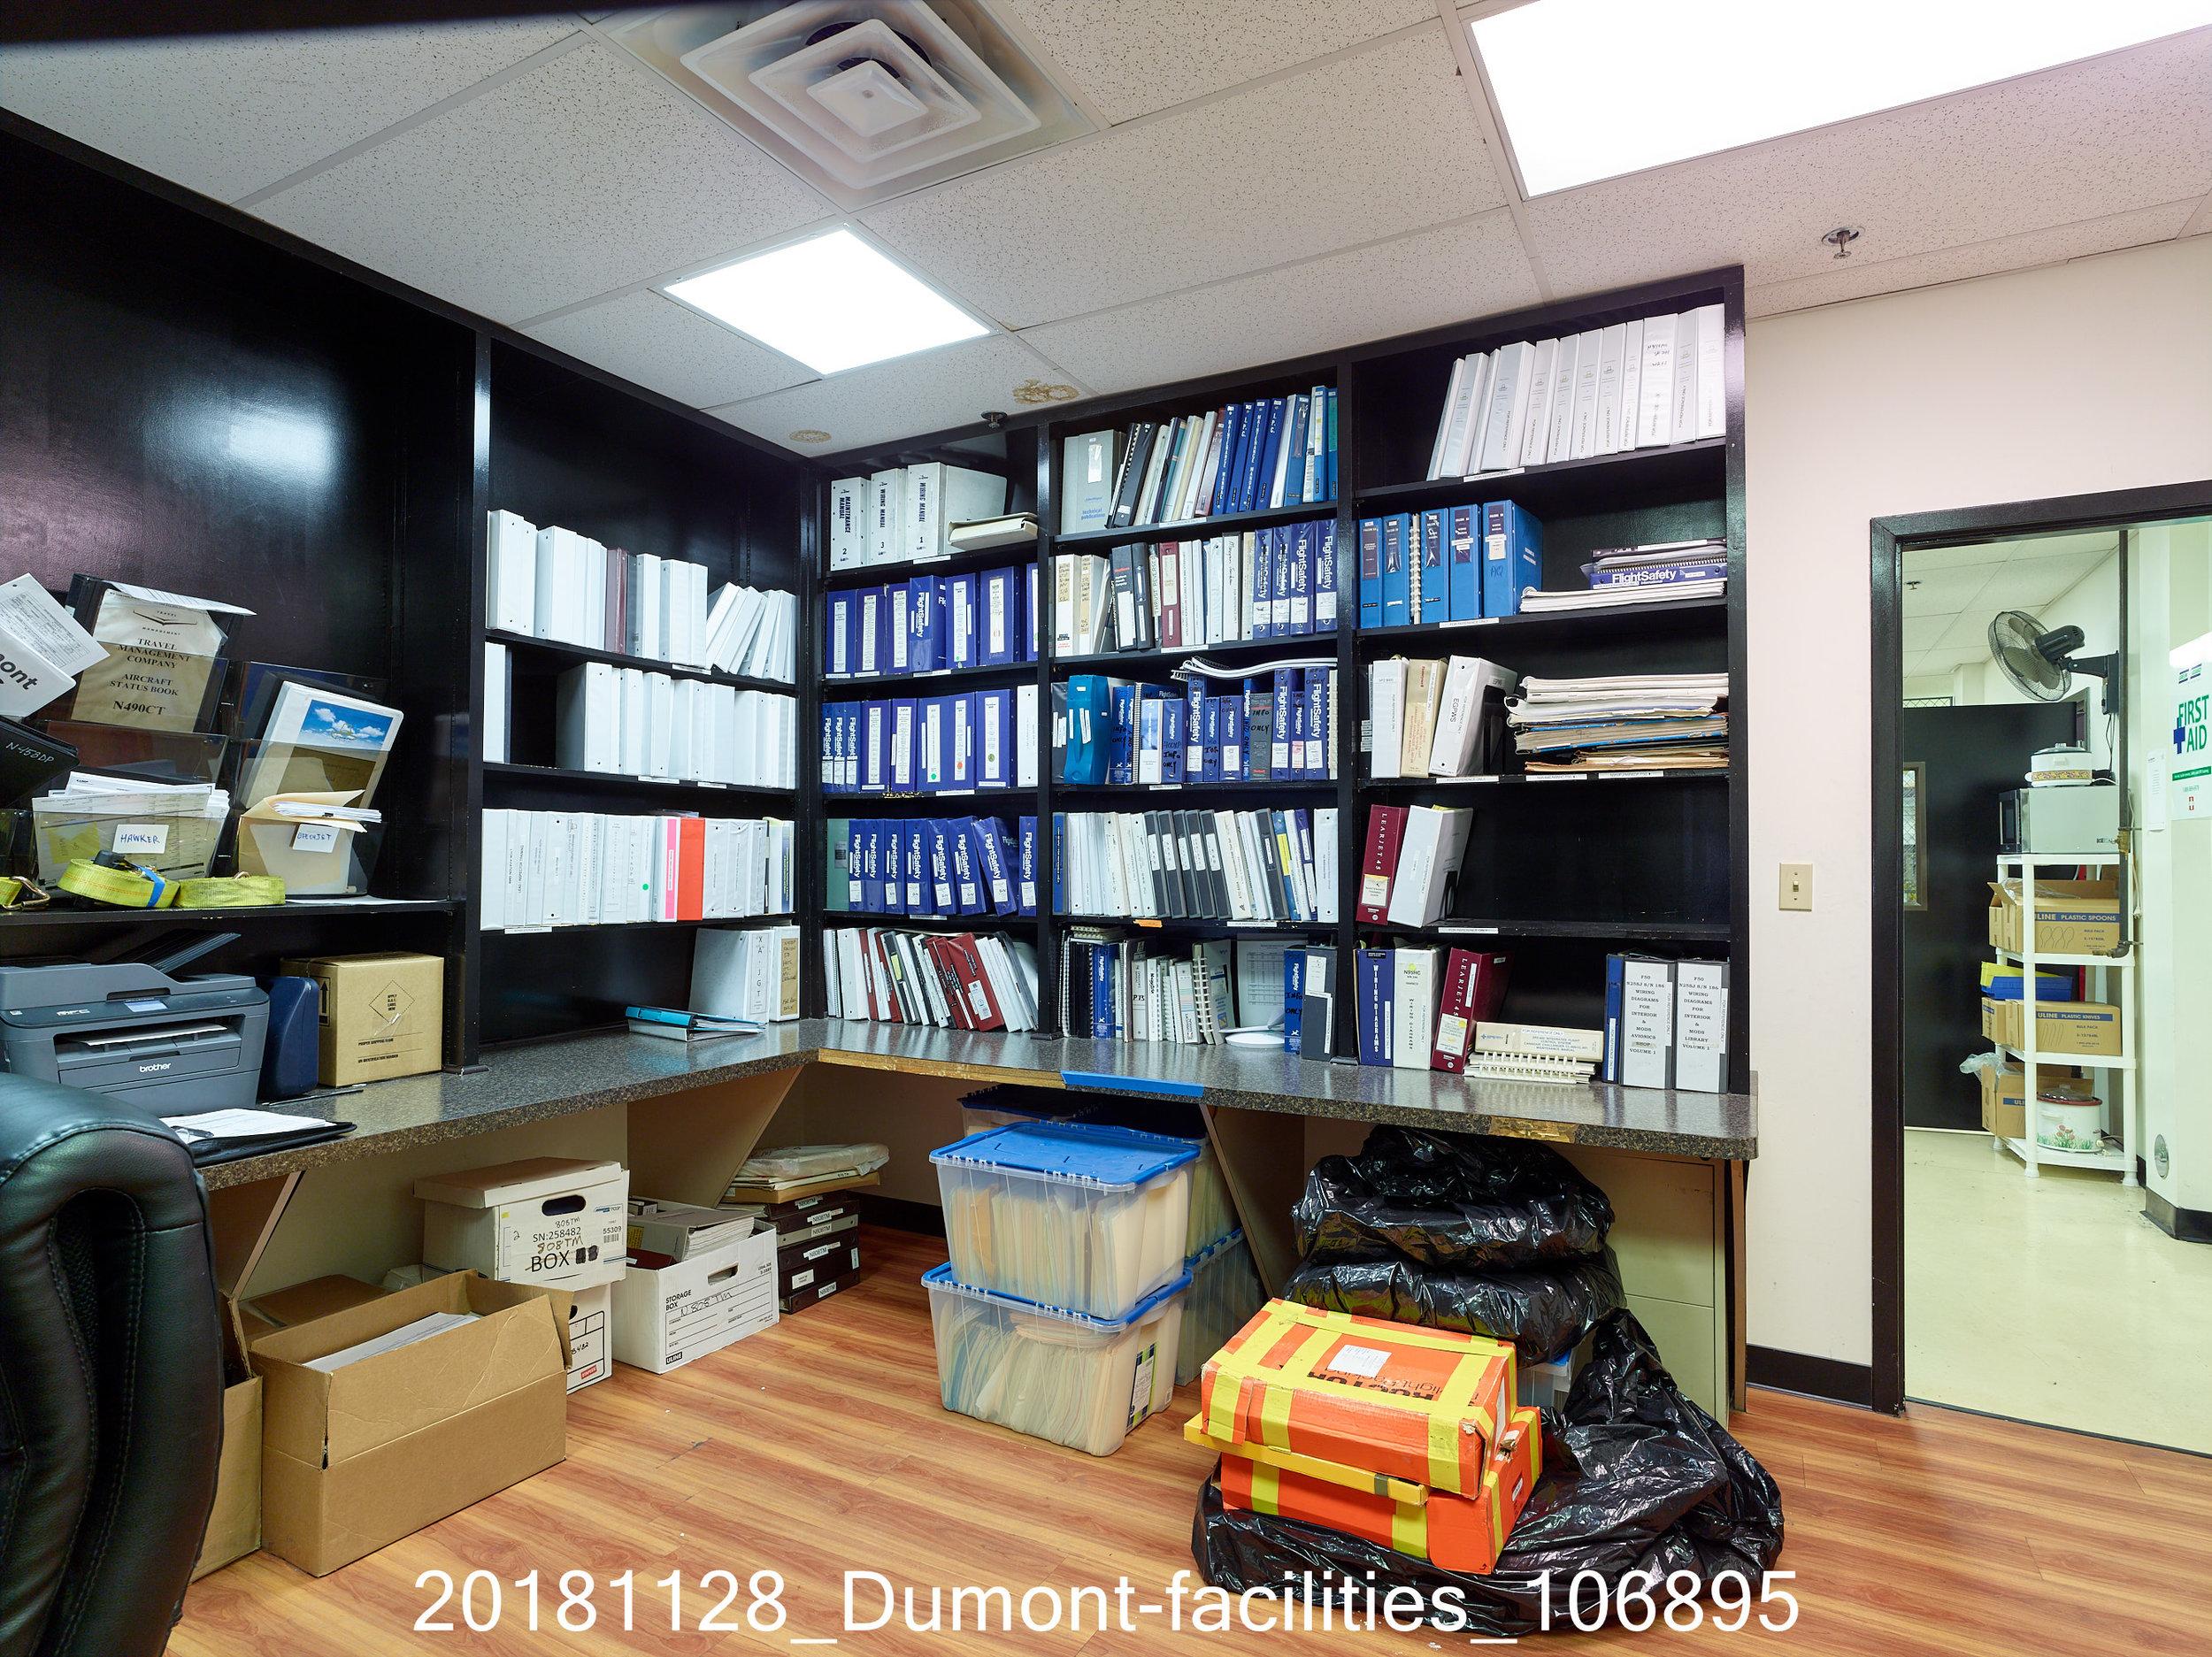 20181128_Dumont-facilities_106895.jpg